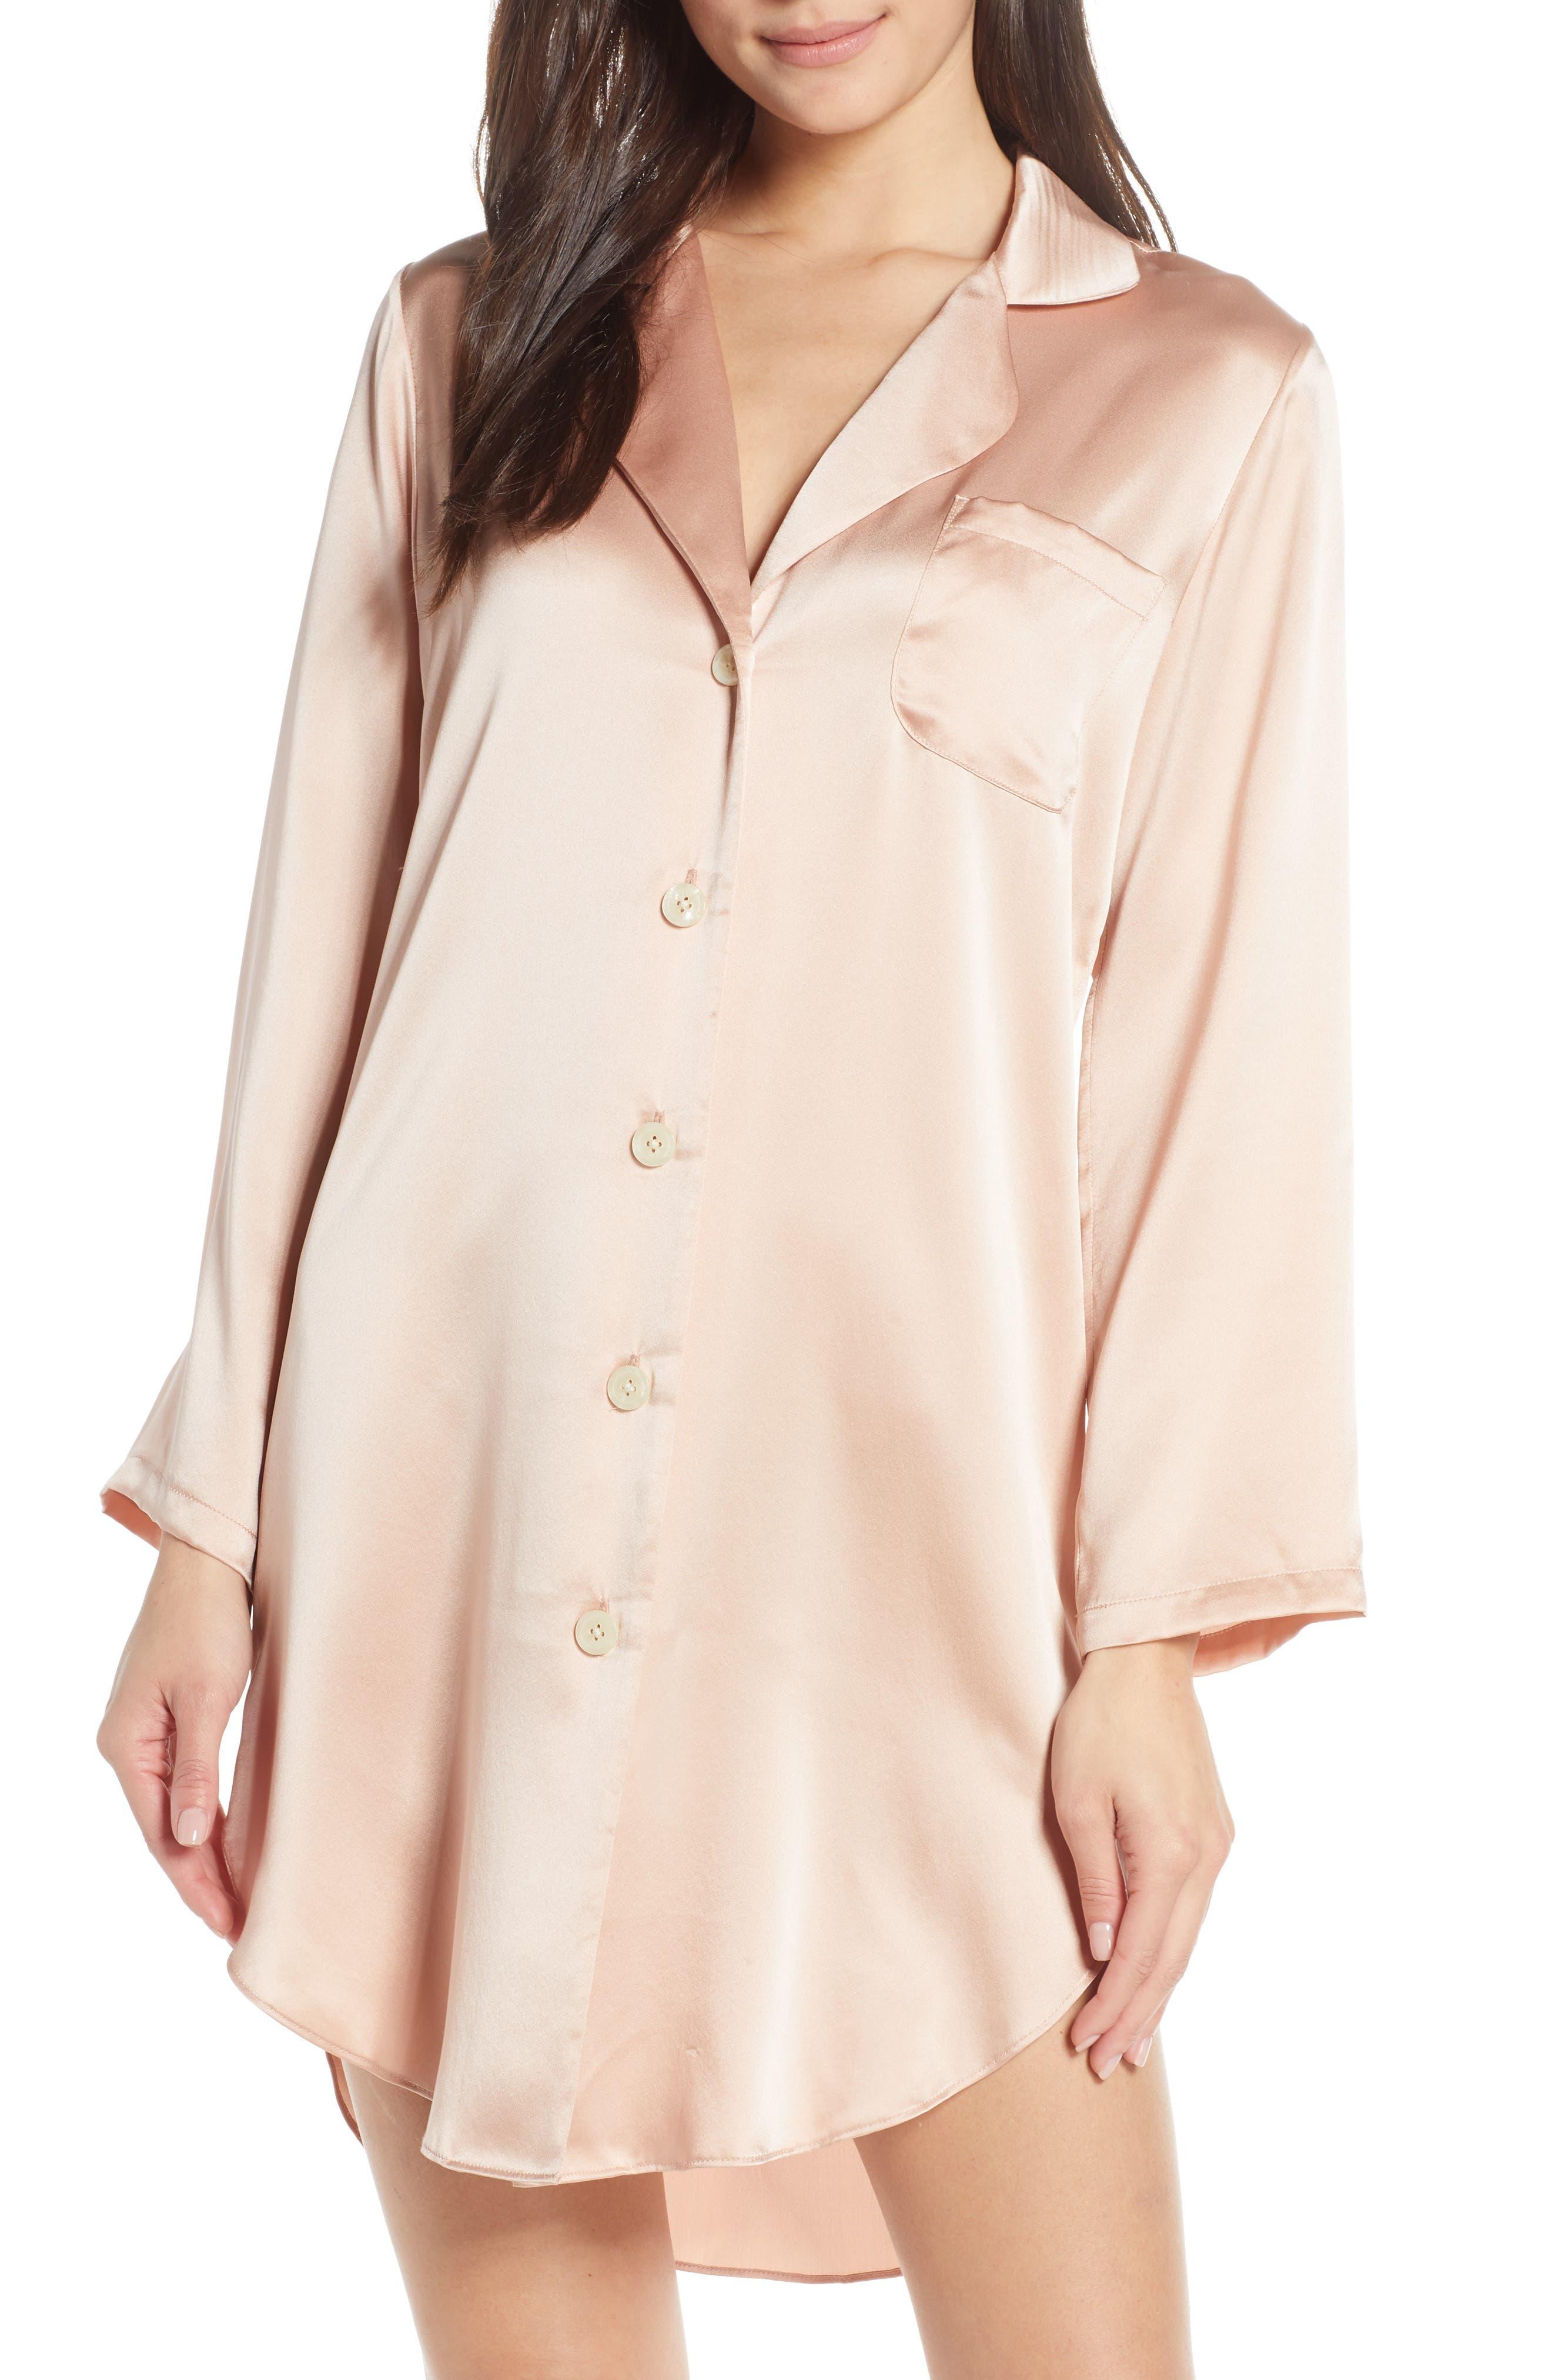 Morgan Lane Jillian Silk Nightshirt, Size Petite - Pink